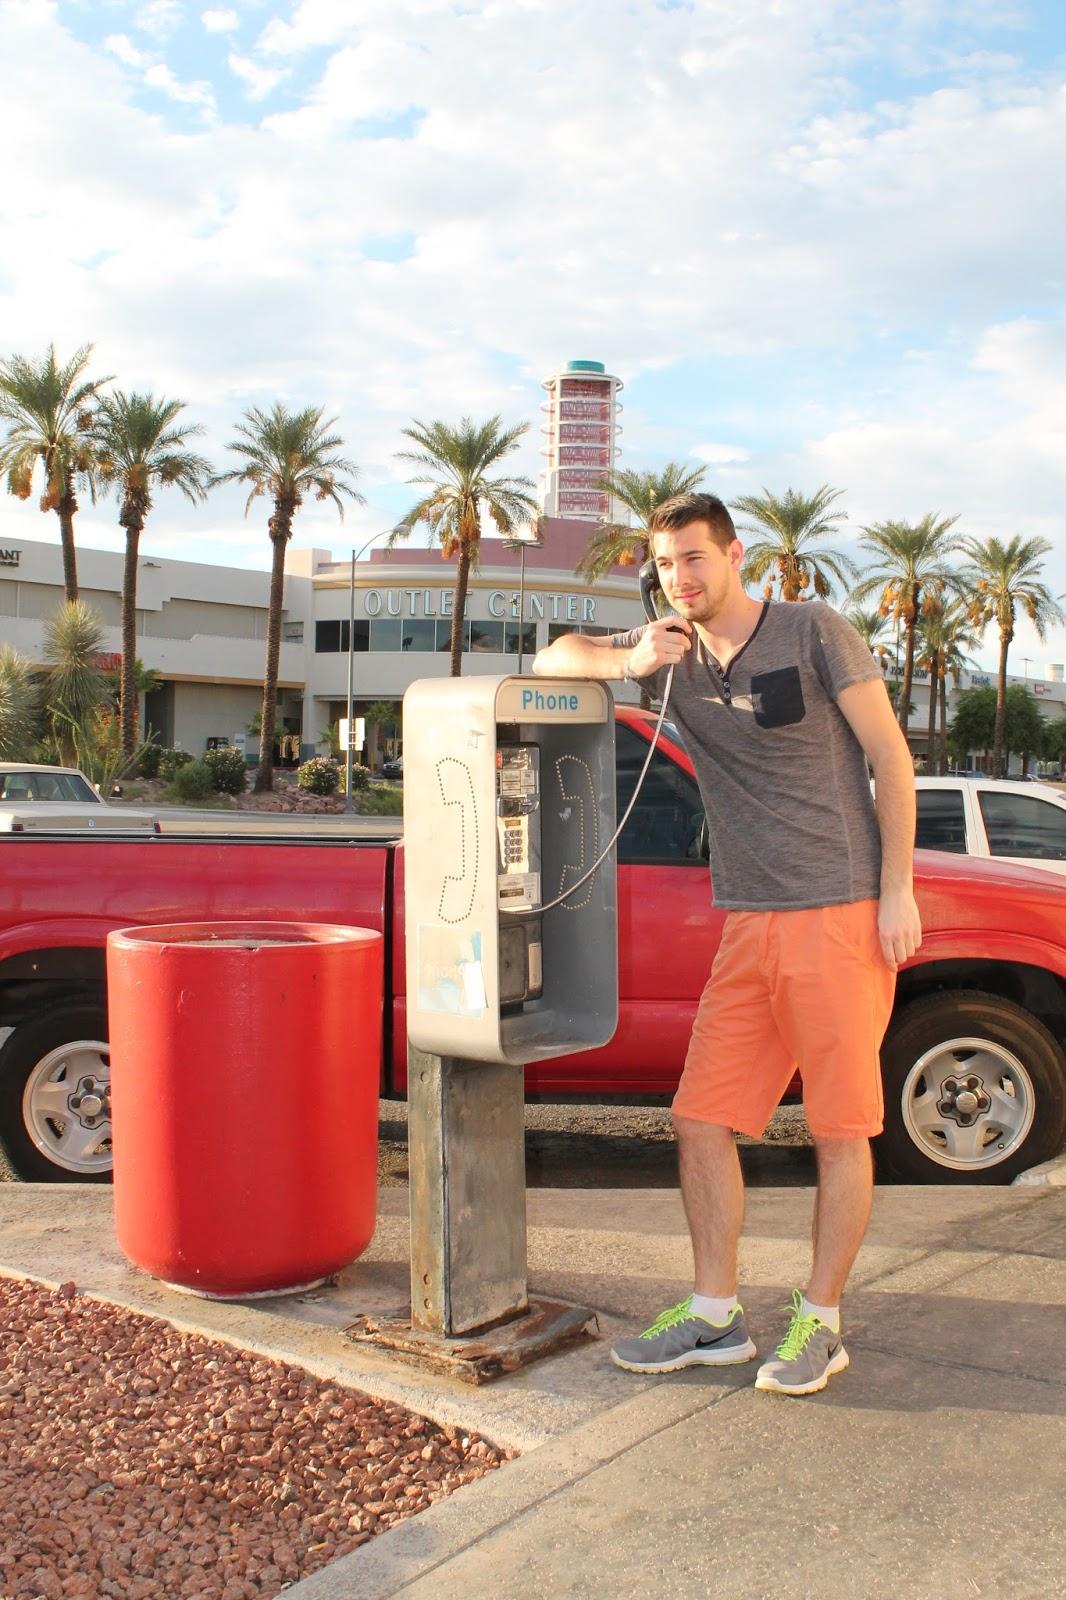 USA états unis amérique vacance transat roadtrip ouest américain laughlin telephone cabine